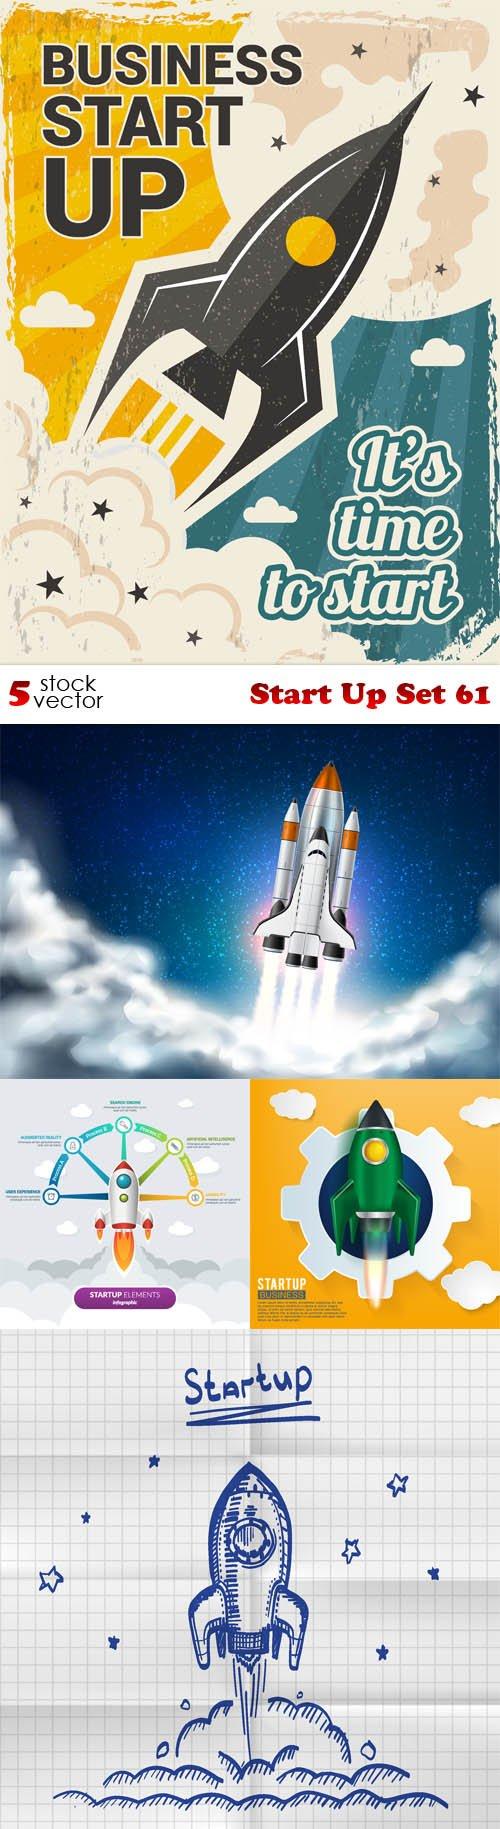 Vectors - Start Up Set 61